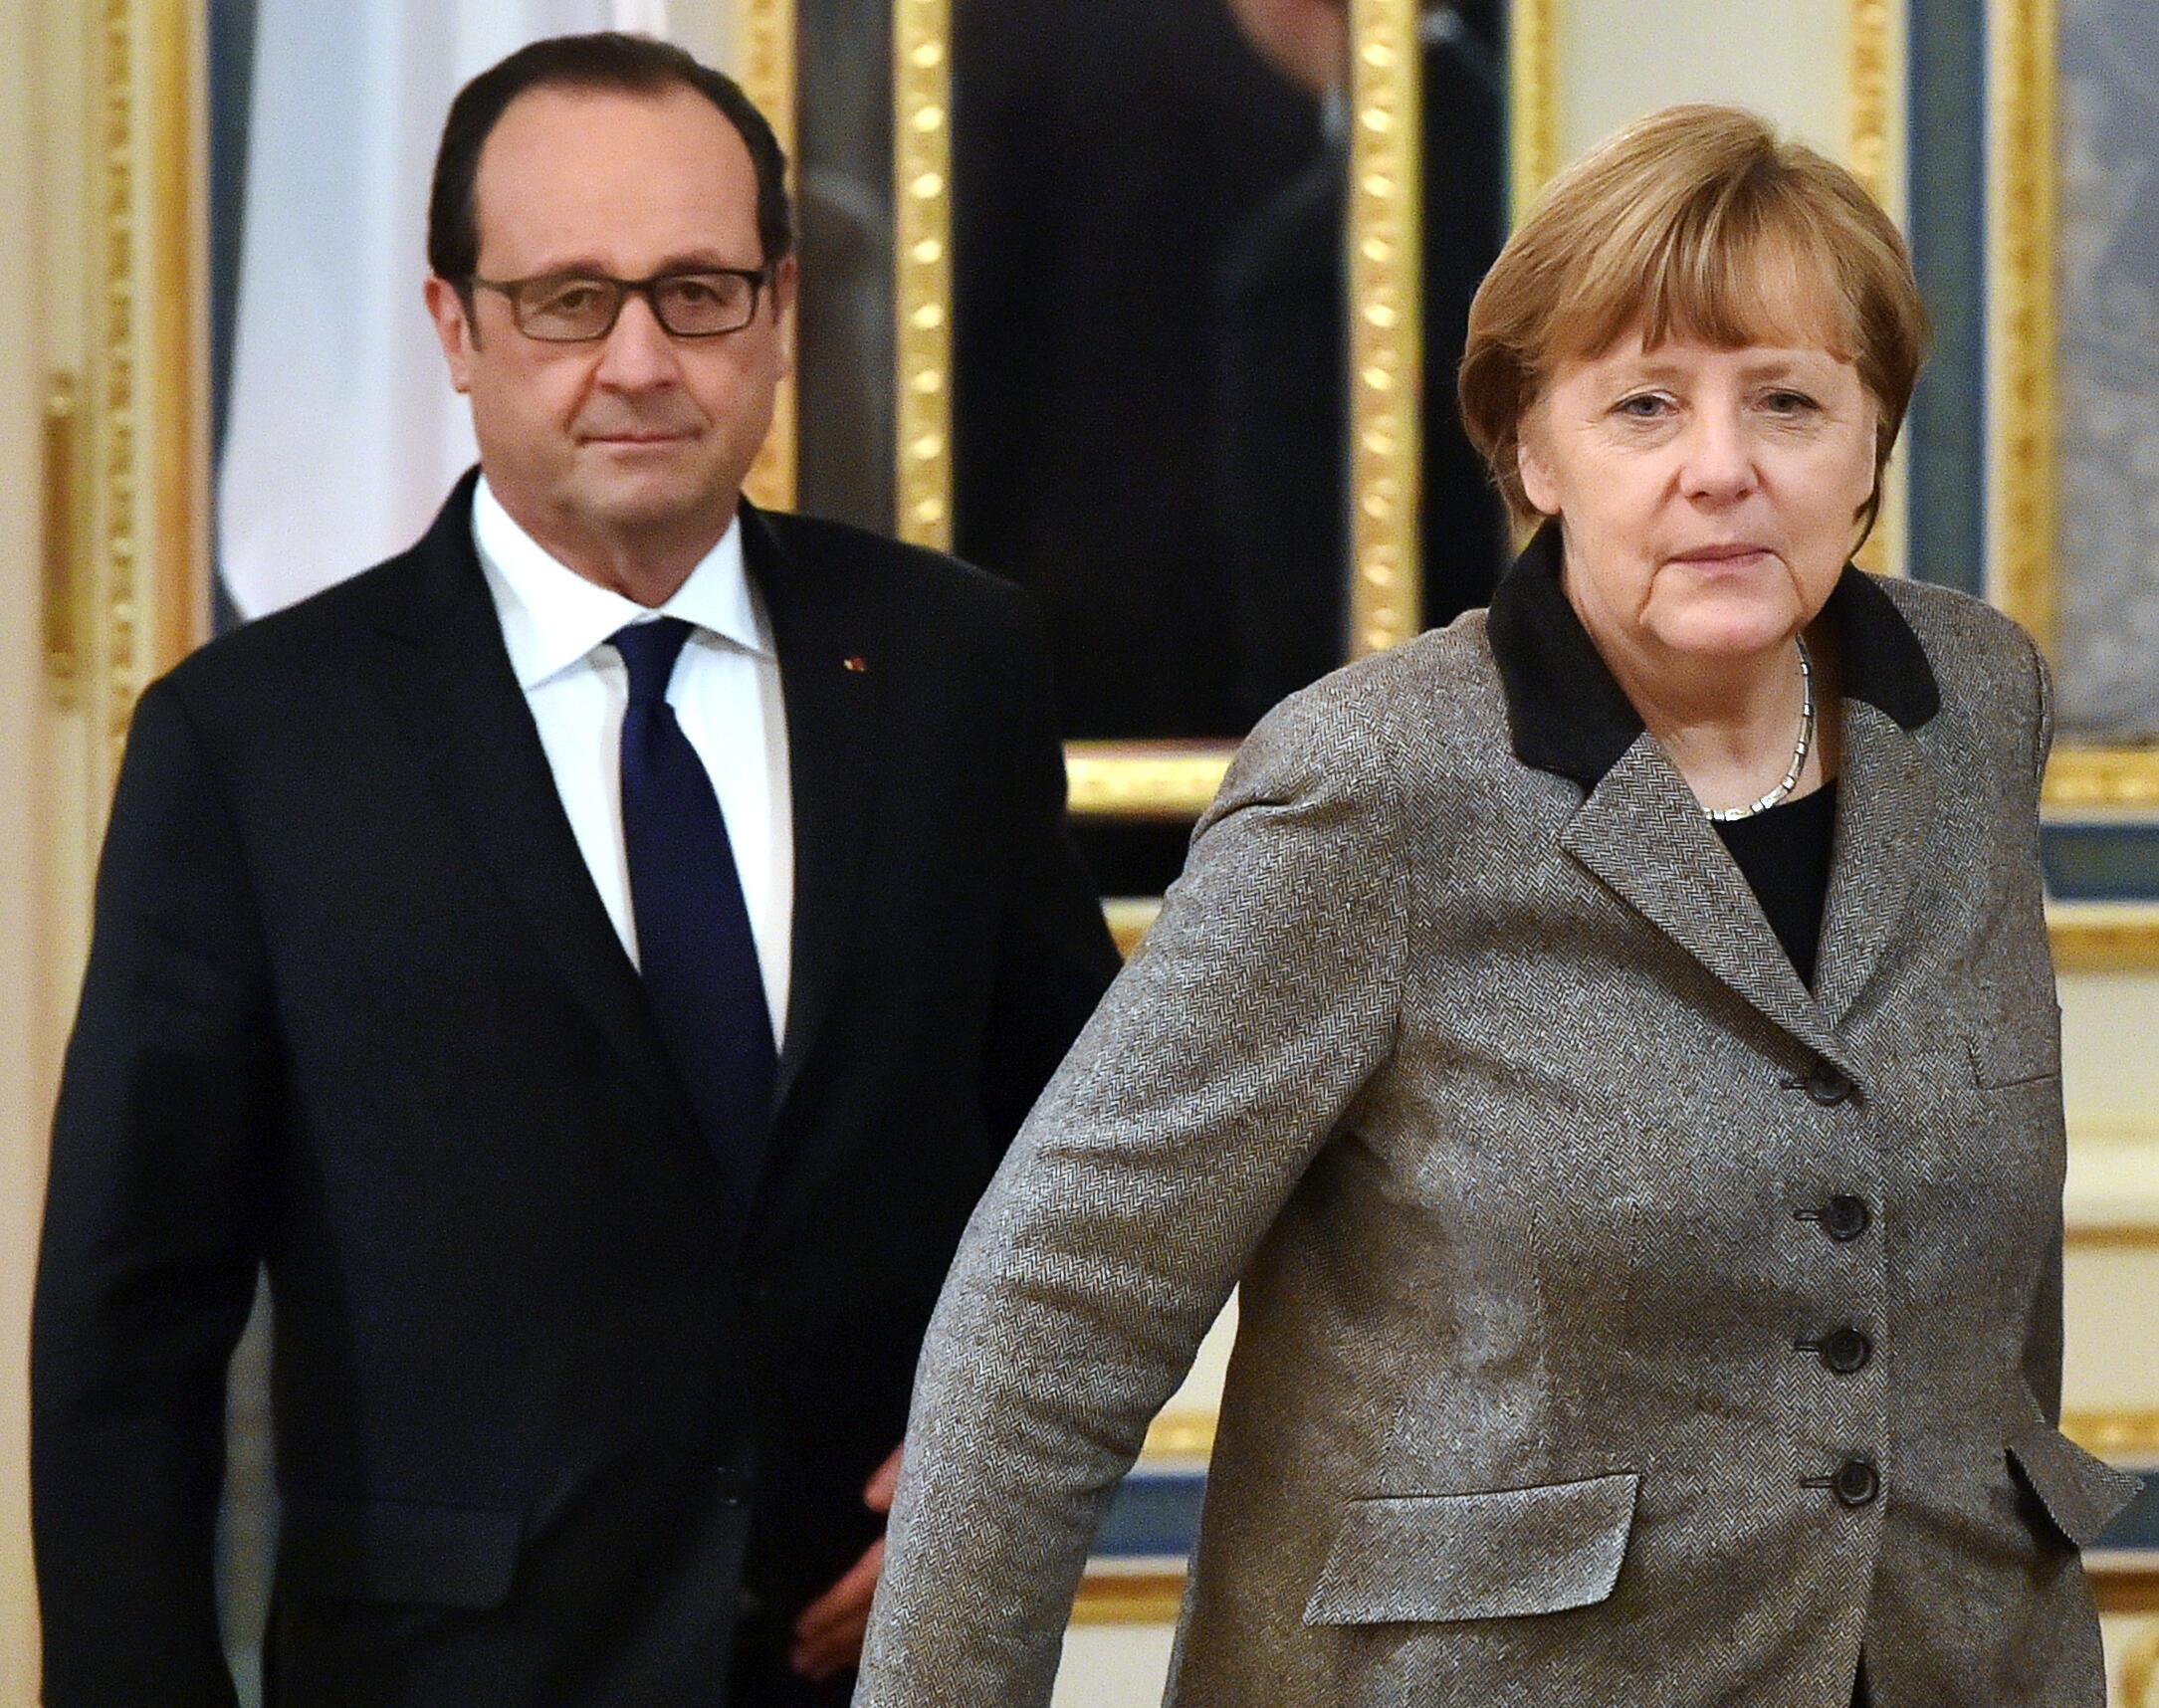 François Hollande e Angela Merkel fotografados em Moscou, no dia 5 de fevereiro de 2015, durante reunião sobre o conflito na Ucrânia.